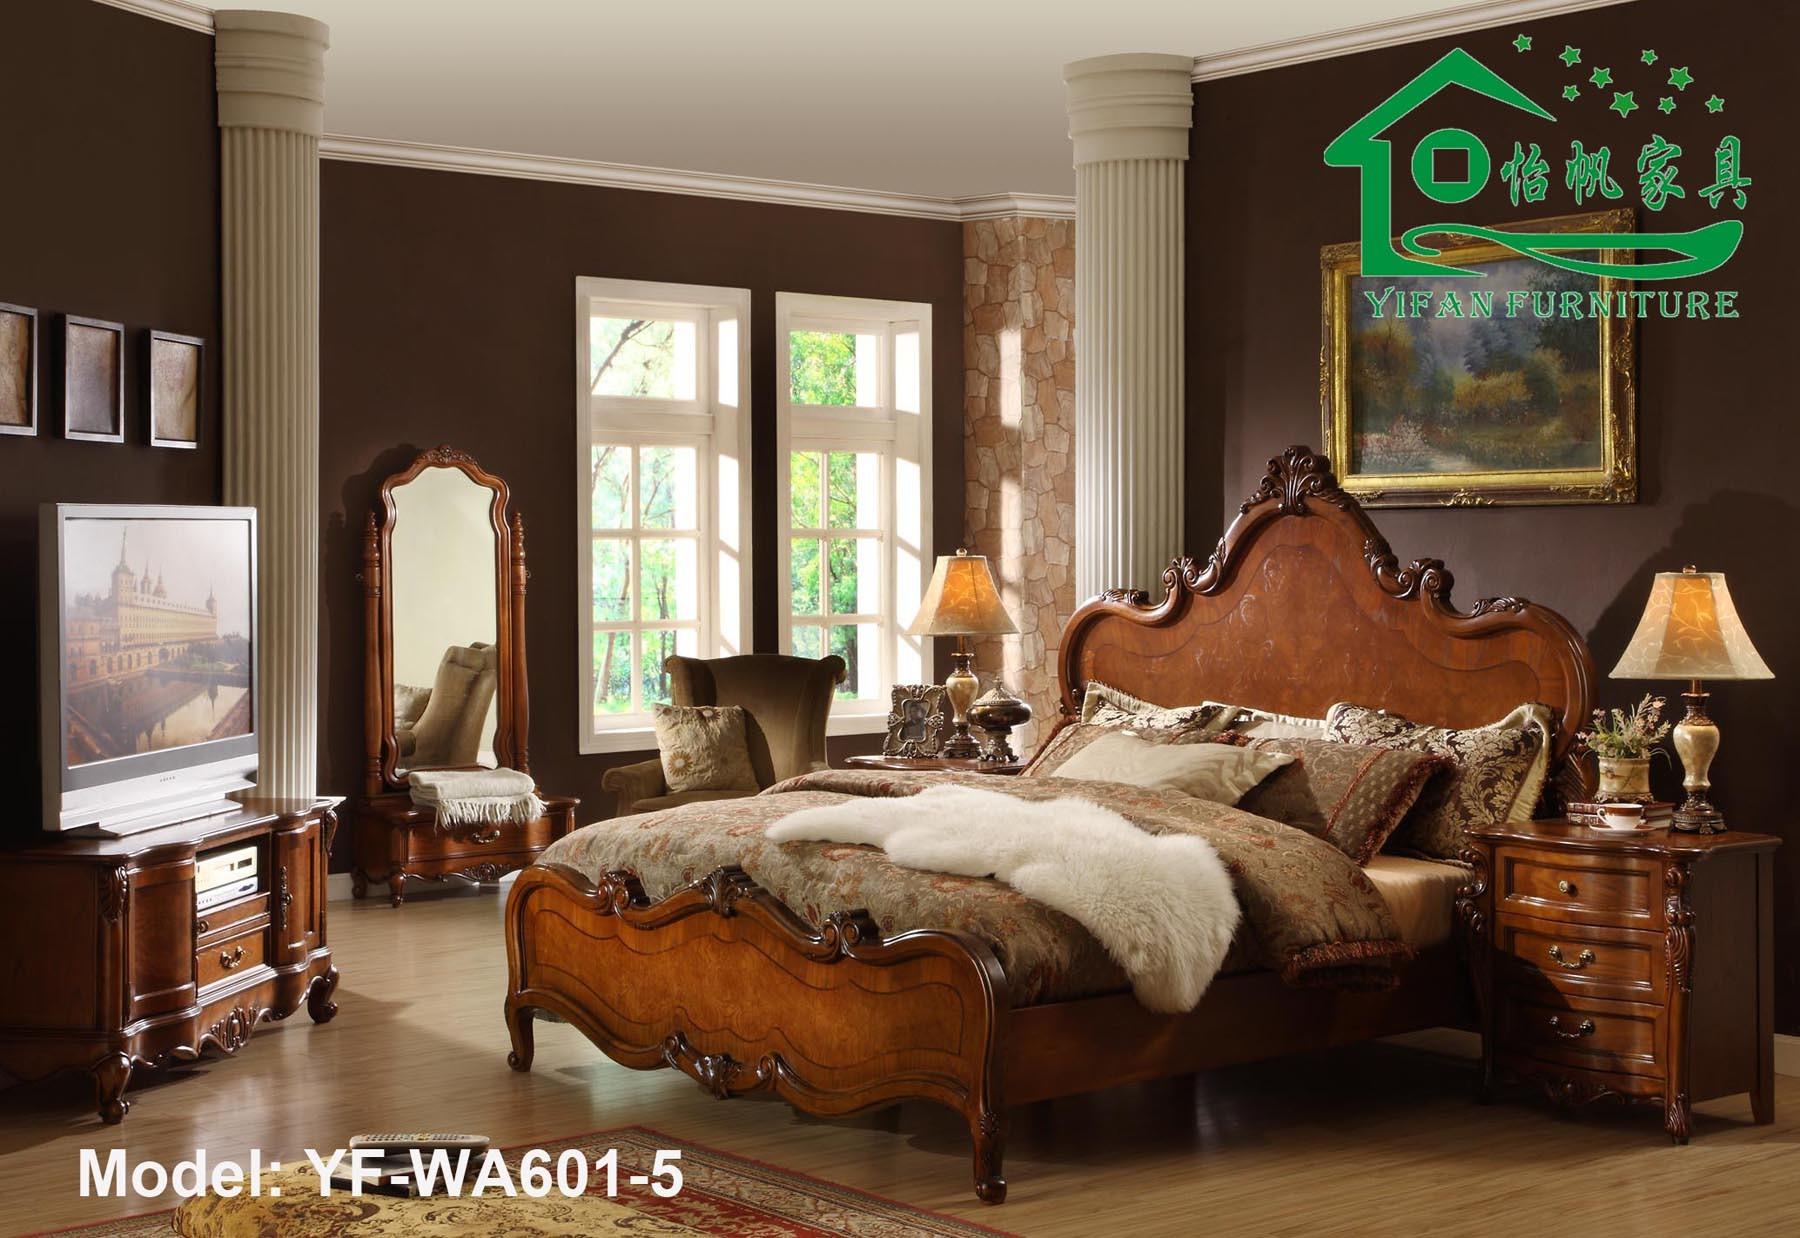 Mueble Victoriano Siglo Xviii Lolo Morales Muebles De Dormitorio  # Muebles Lolo Morales